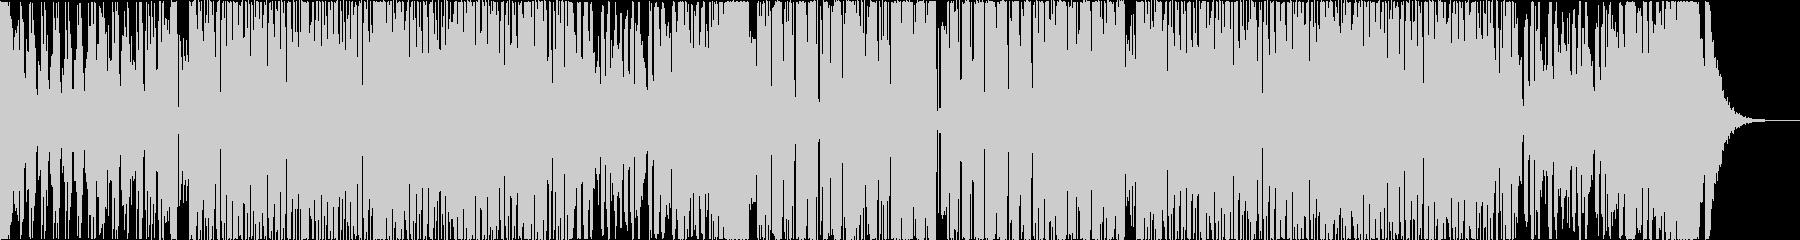 EDM TRAP 企業 ポジティブ 映像の未再生の波形